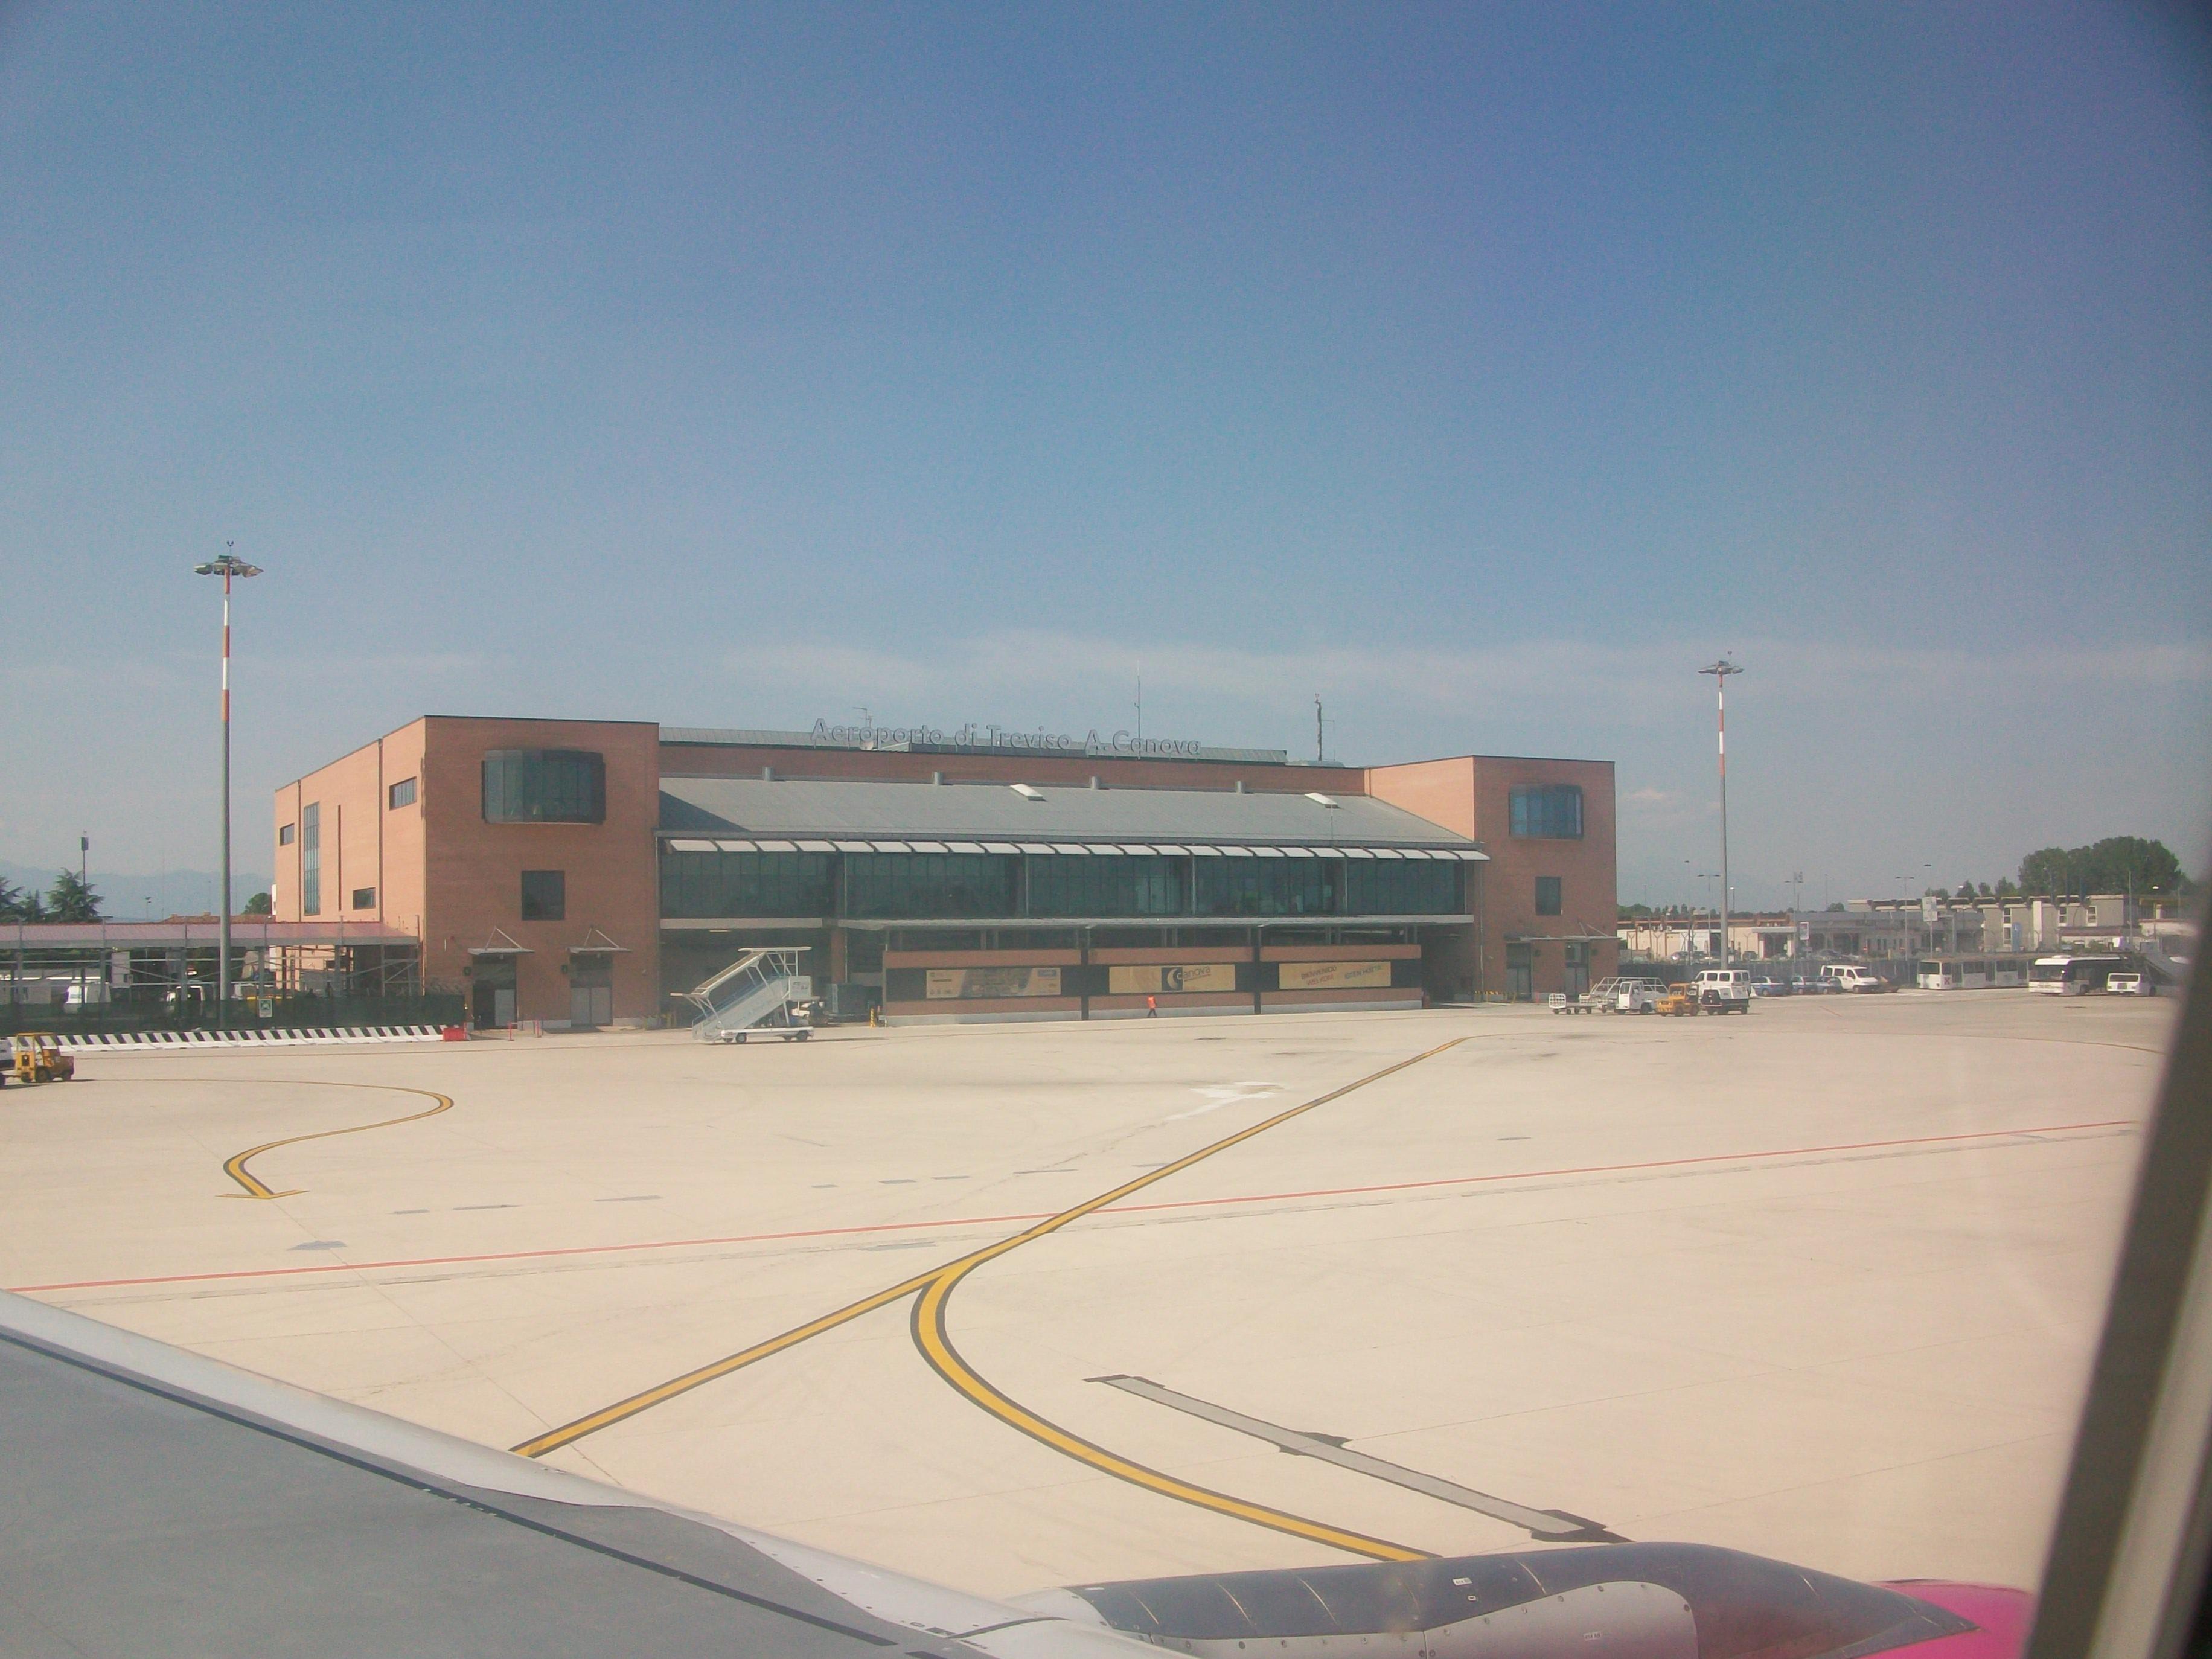 Aeroporto Treviso : File aeroporto di treviso from plane g wikimedia commons